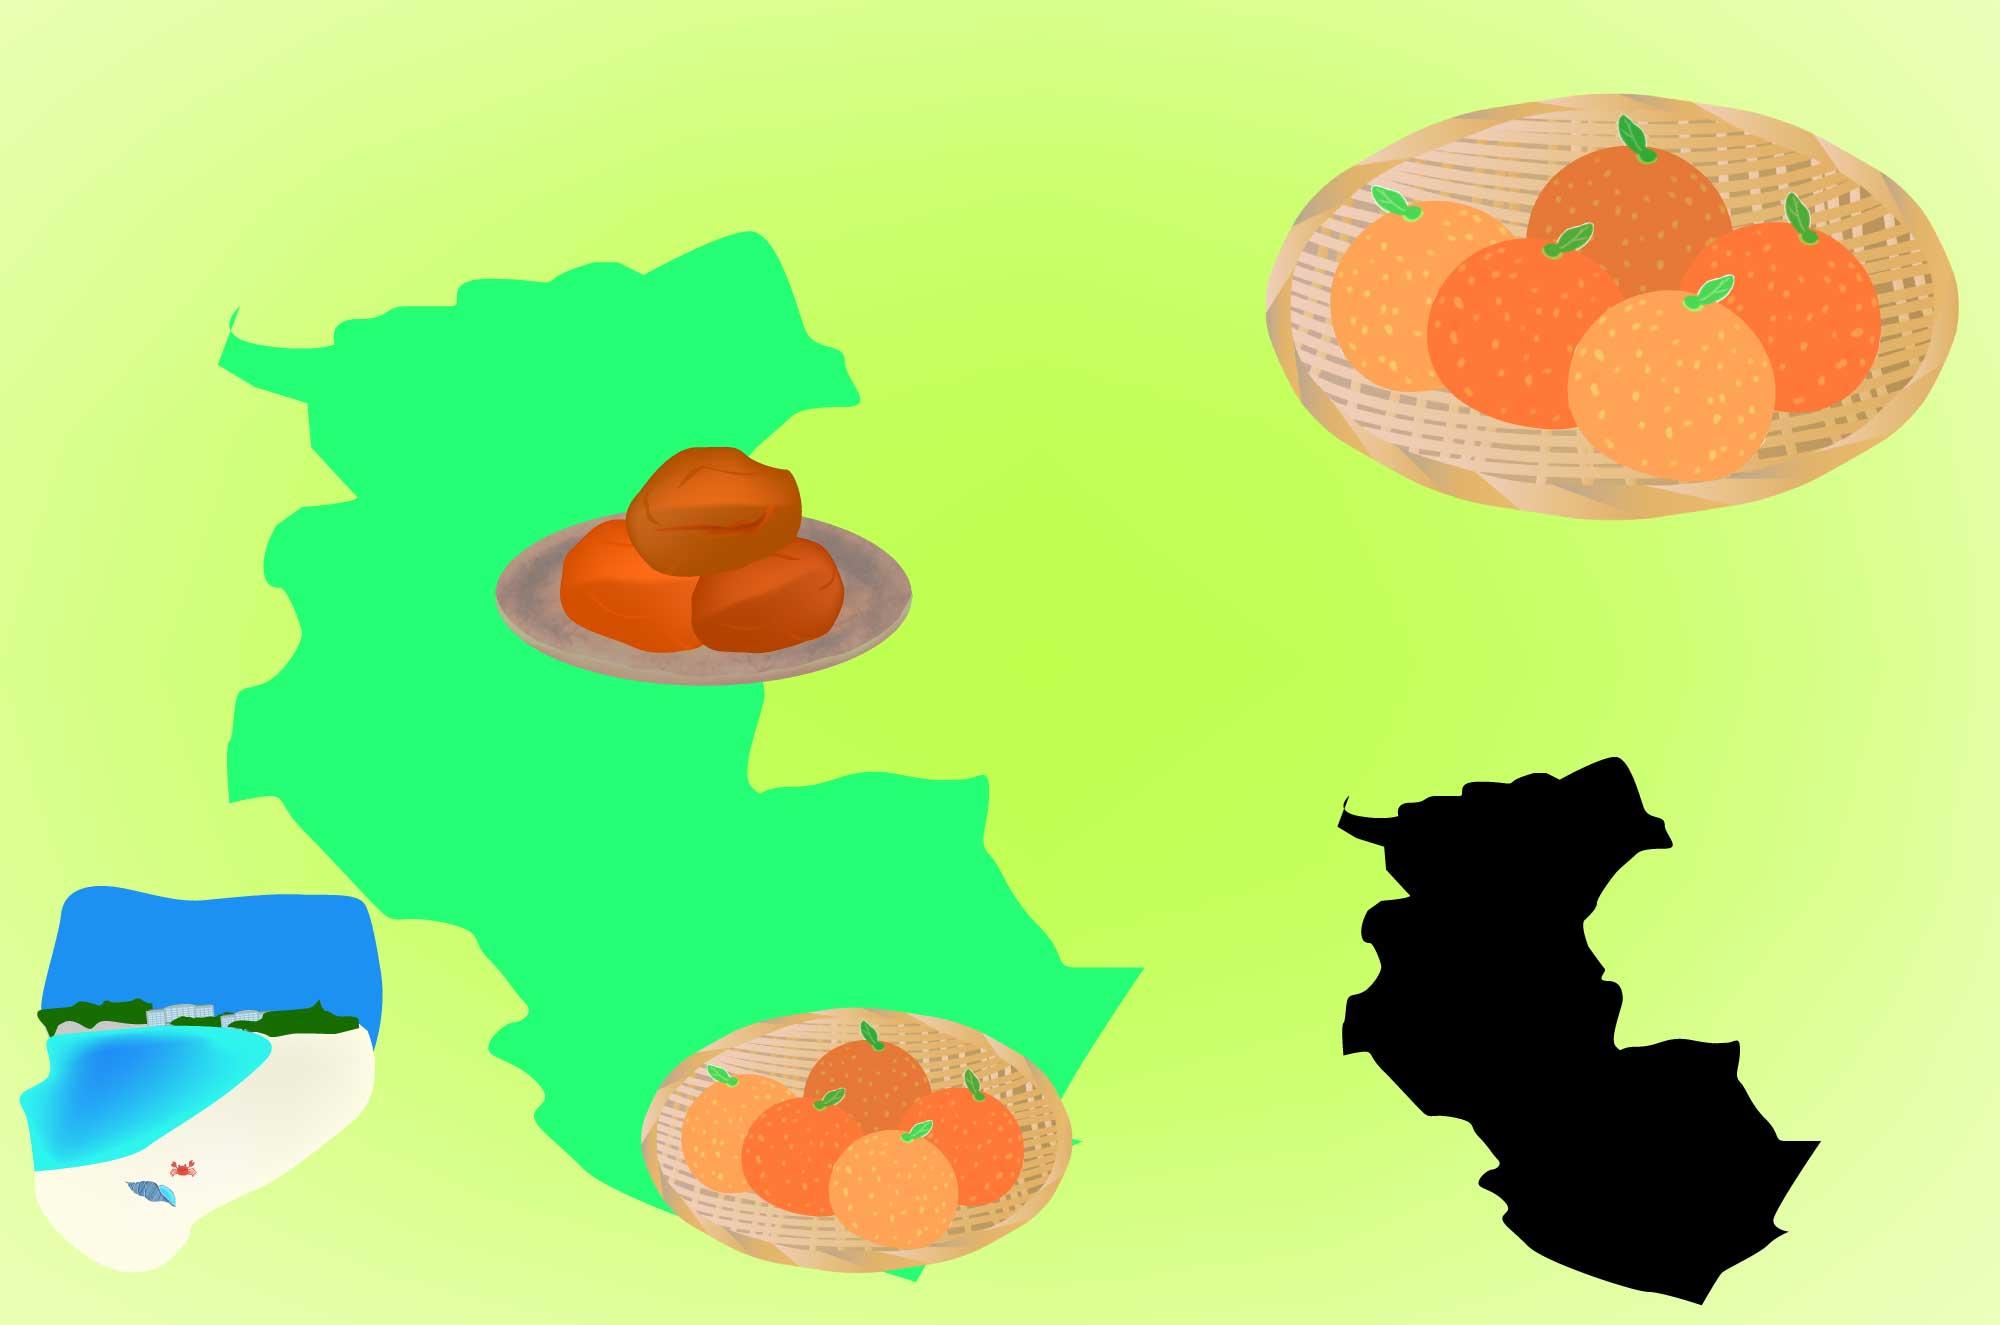 和歌山の無料イラスト - 名産のみかん・梅の地図素材